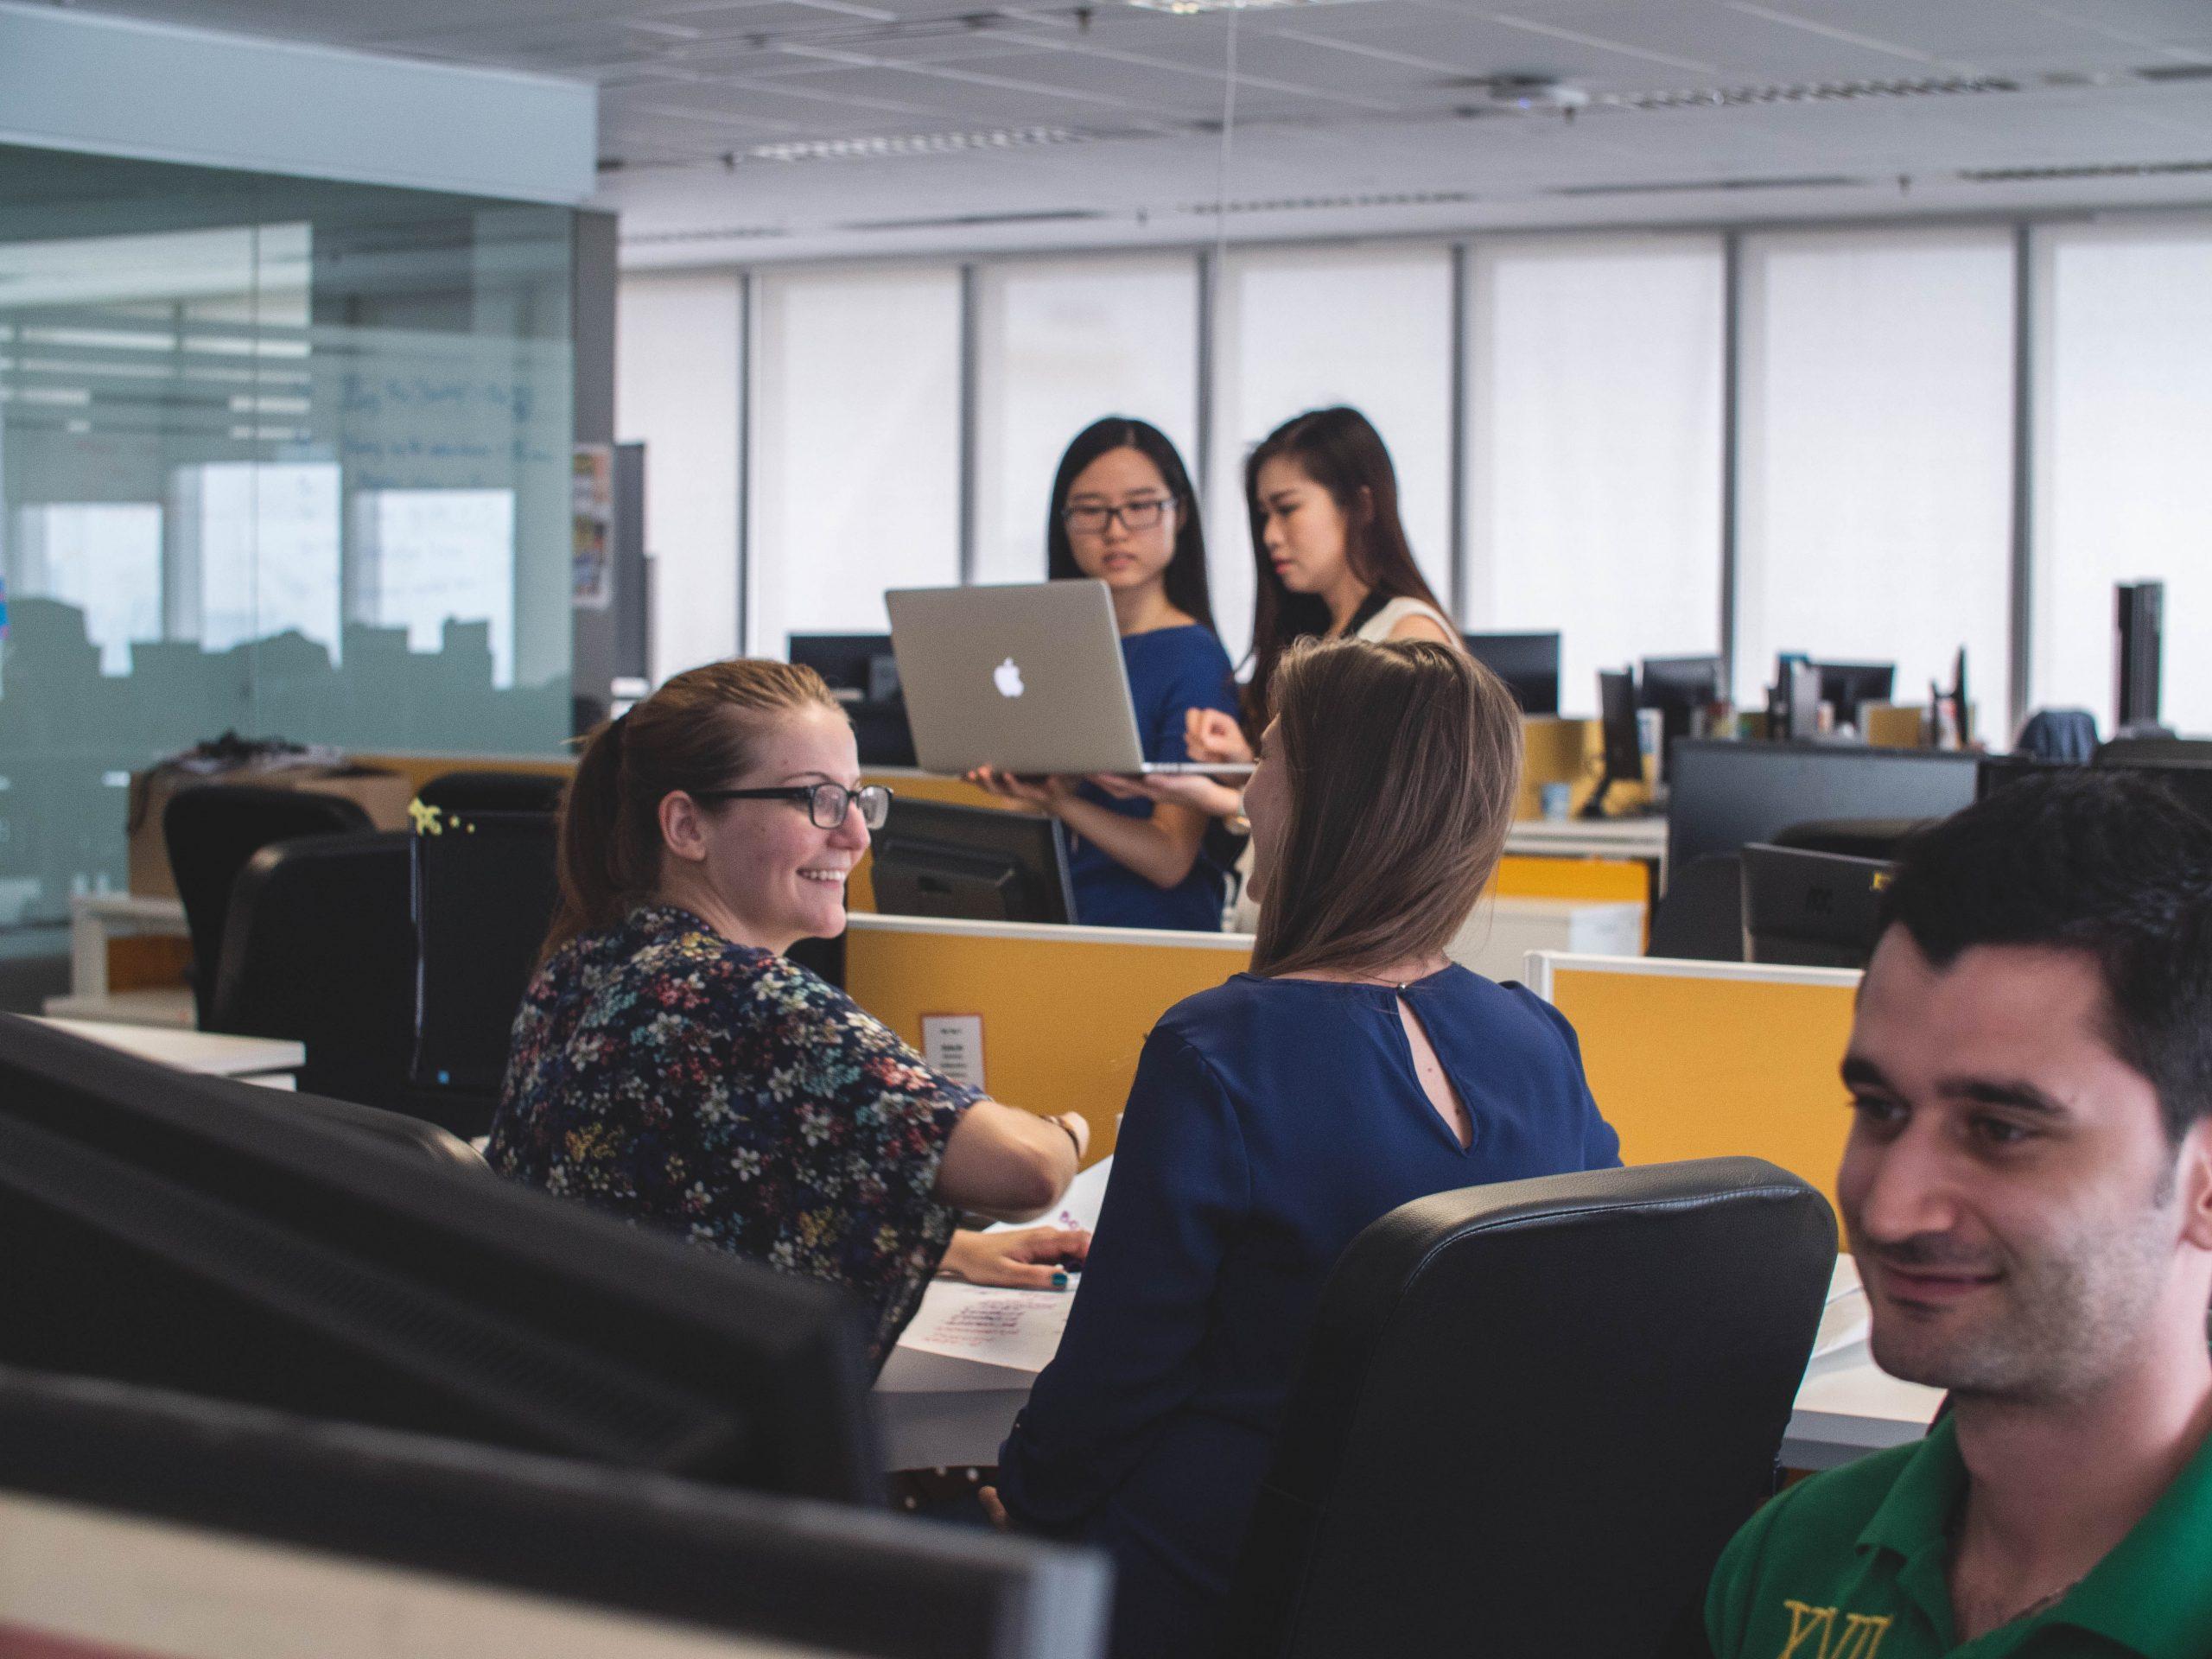 Gestione del personale: come gestire collaboratori e personale per far crescere la tua azienda.